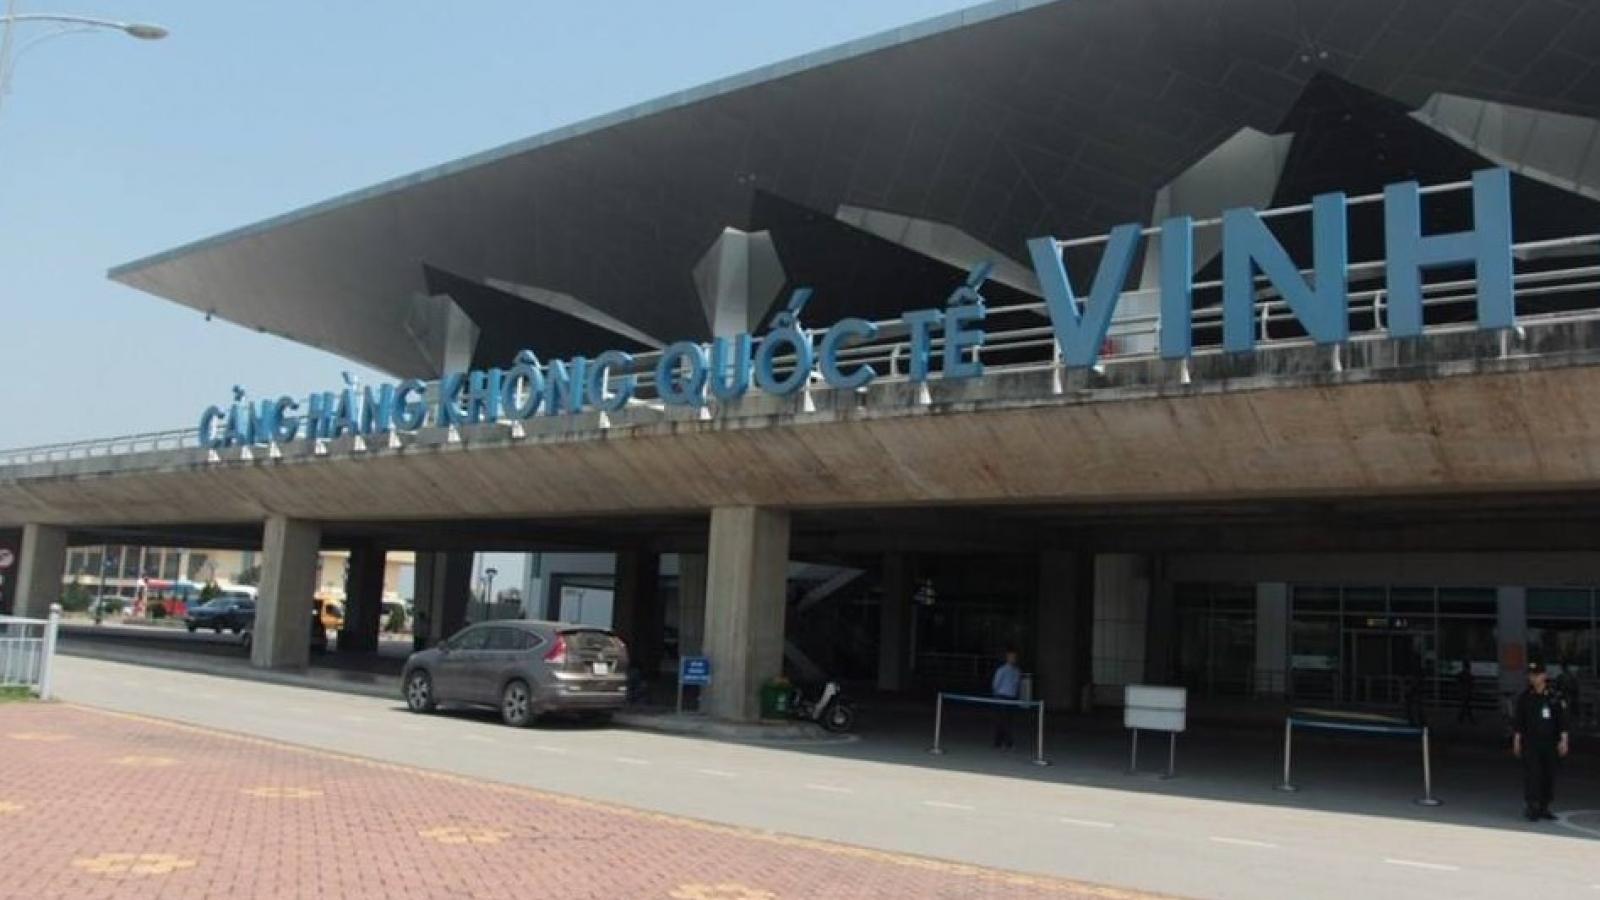 Nghệ An truy vết, cách ly 71 hành khách đi cùng chuyến bay với 2 bệnh nhân Covid-19